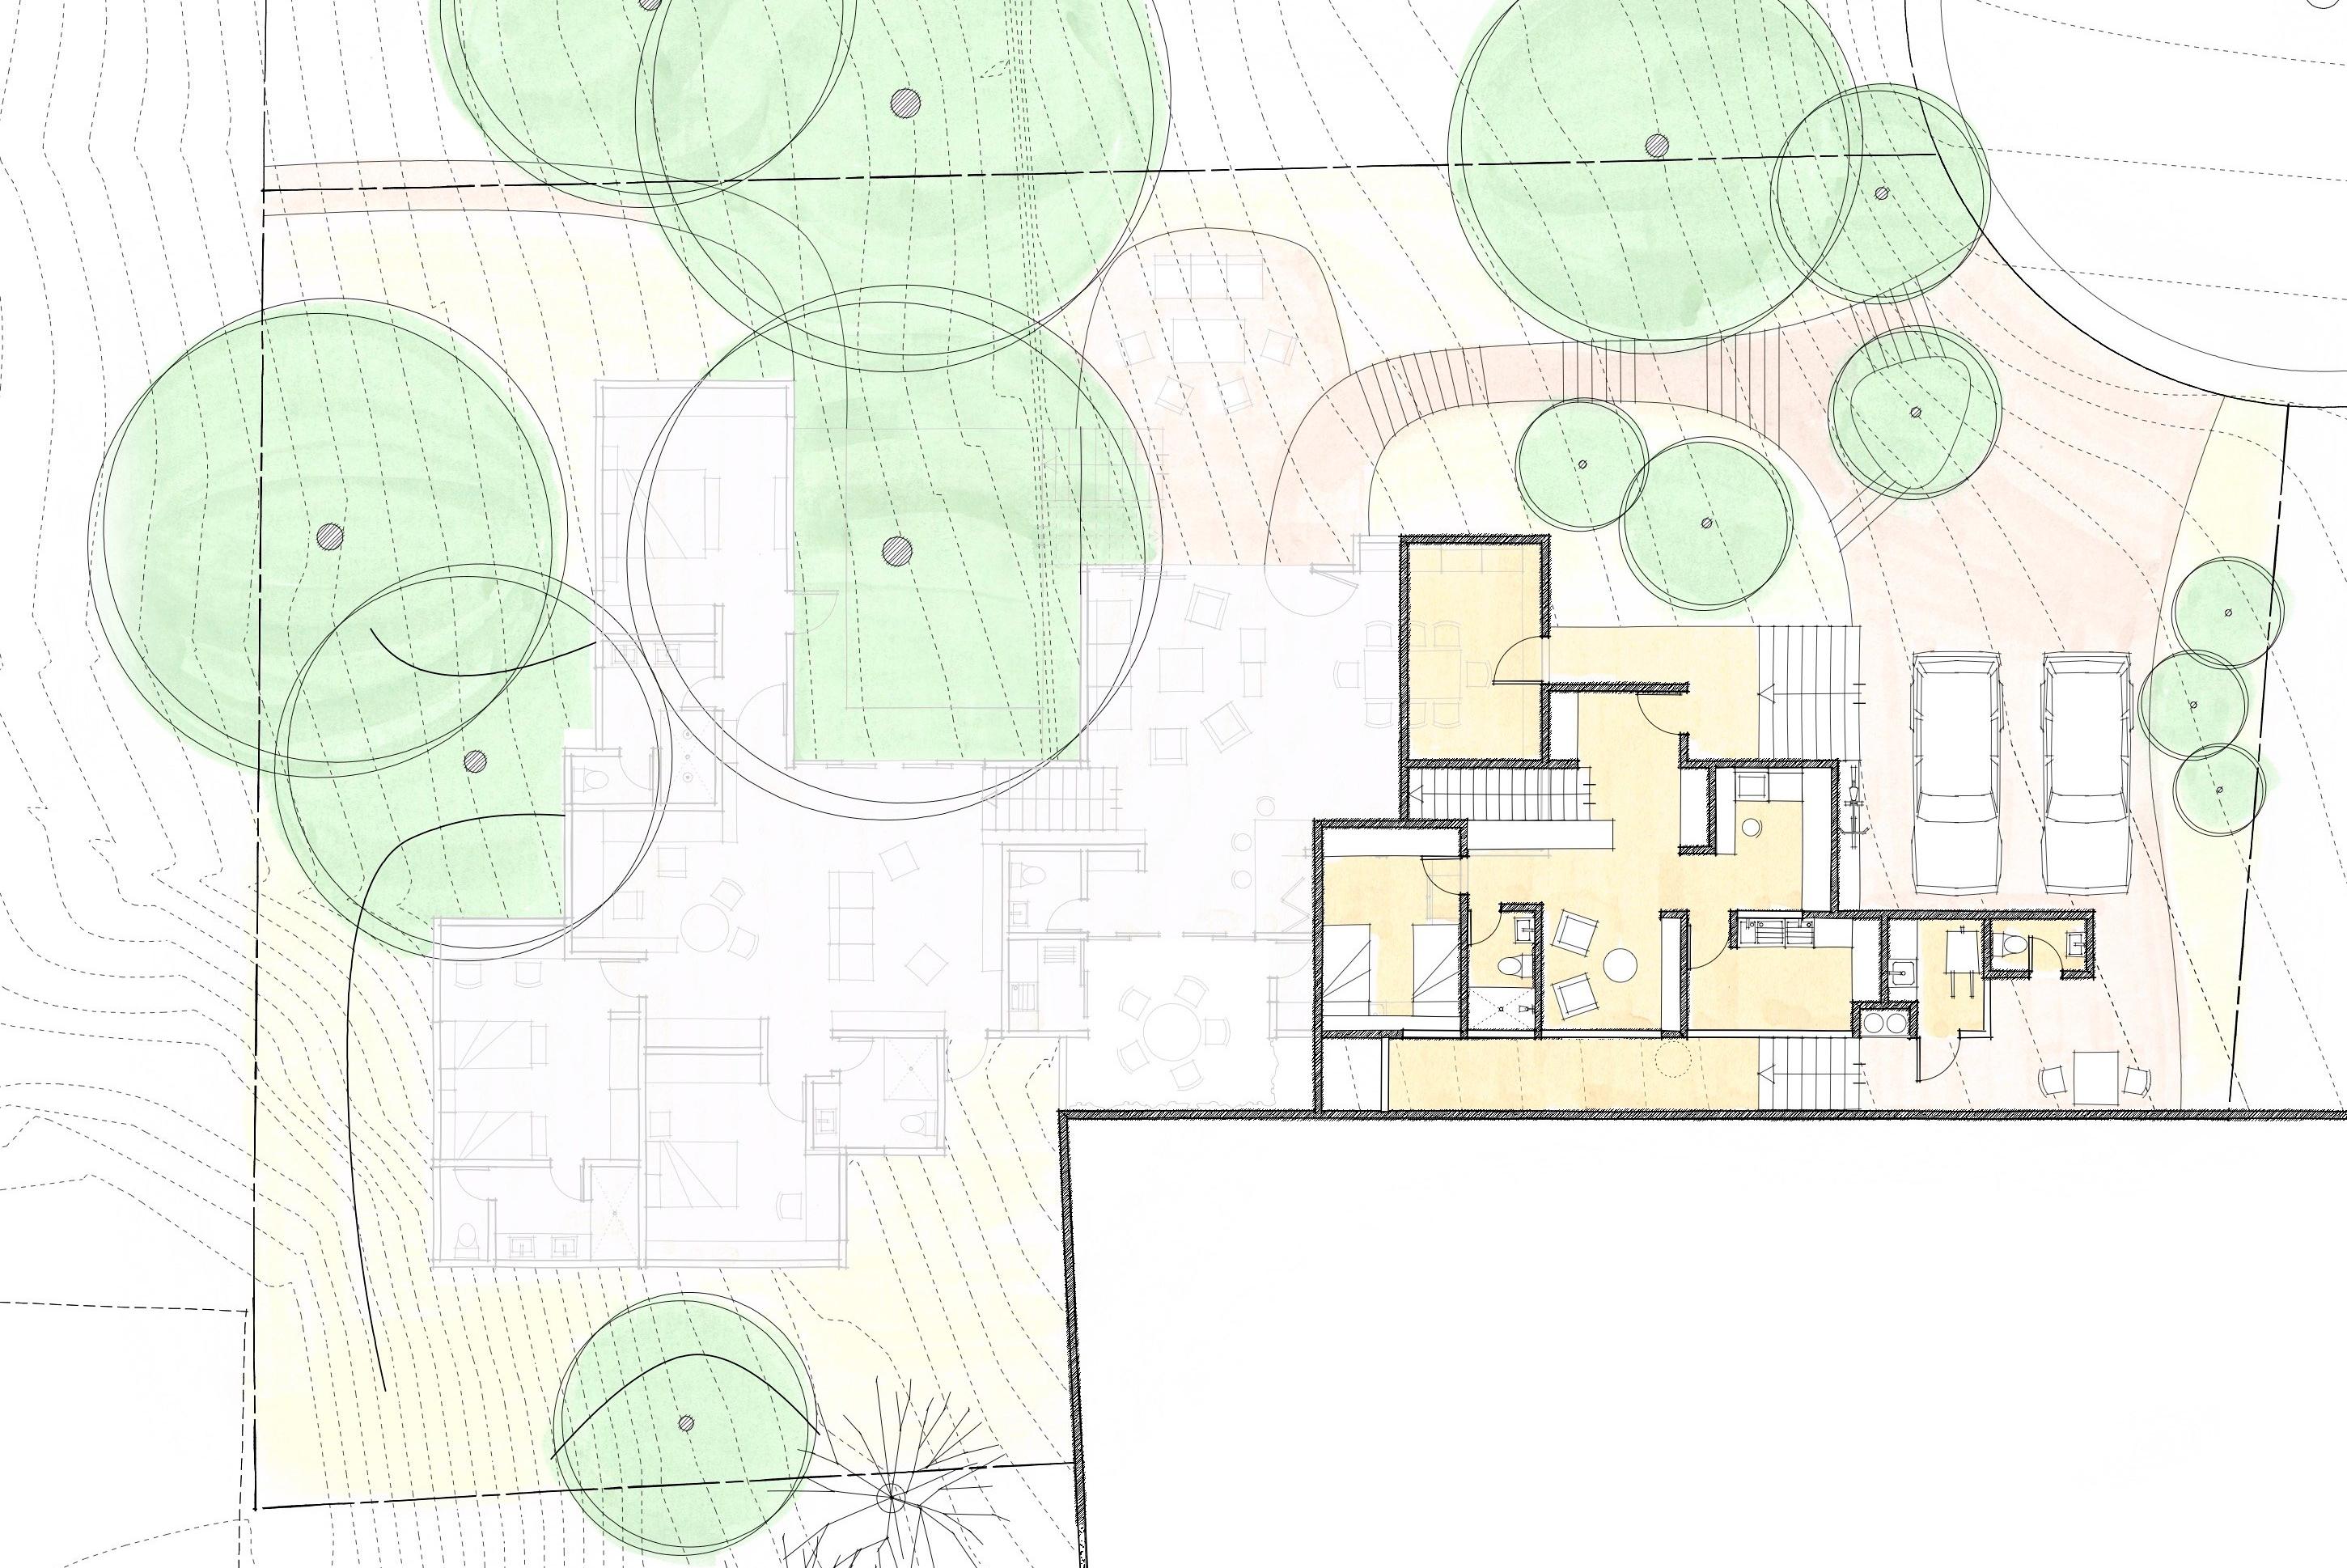 casa-syhj-set-conceptual-planta-baja2.jpg